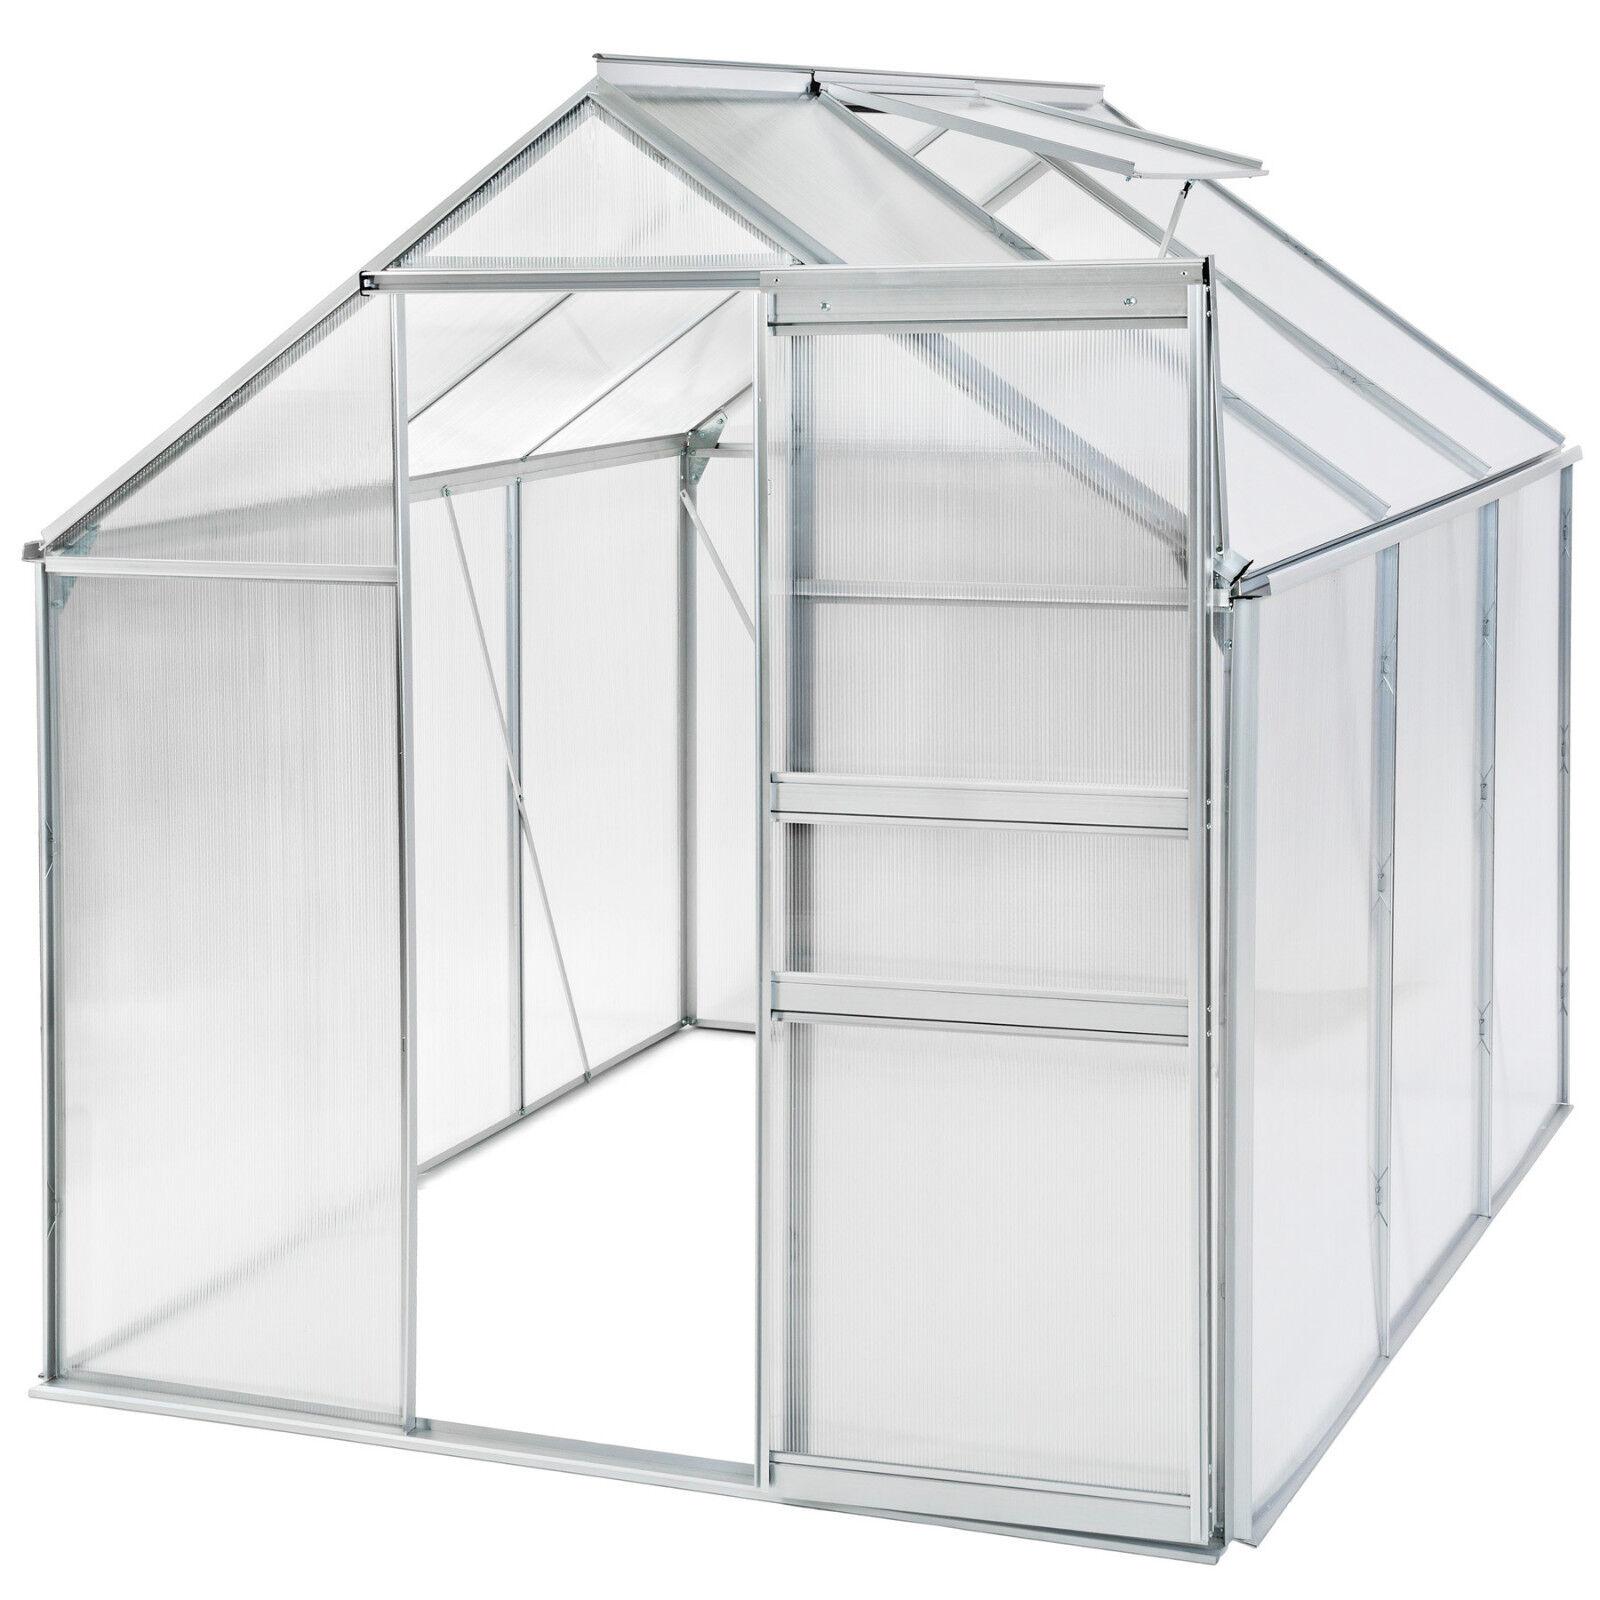 Grünhouse polycarbonate aluminium grow plants growhouse garden structure 5.7m³